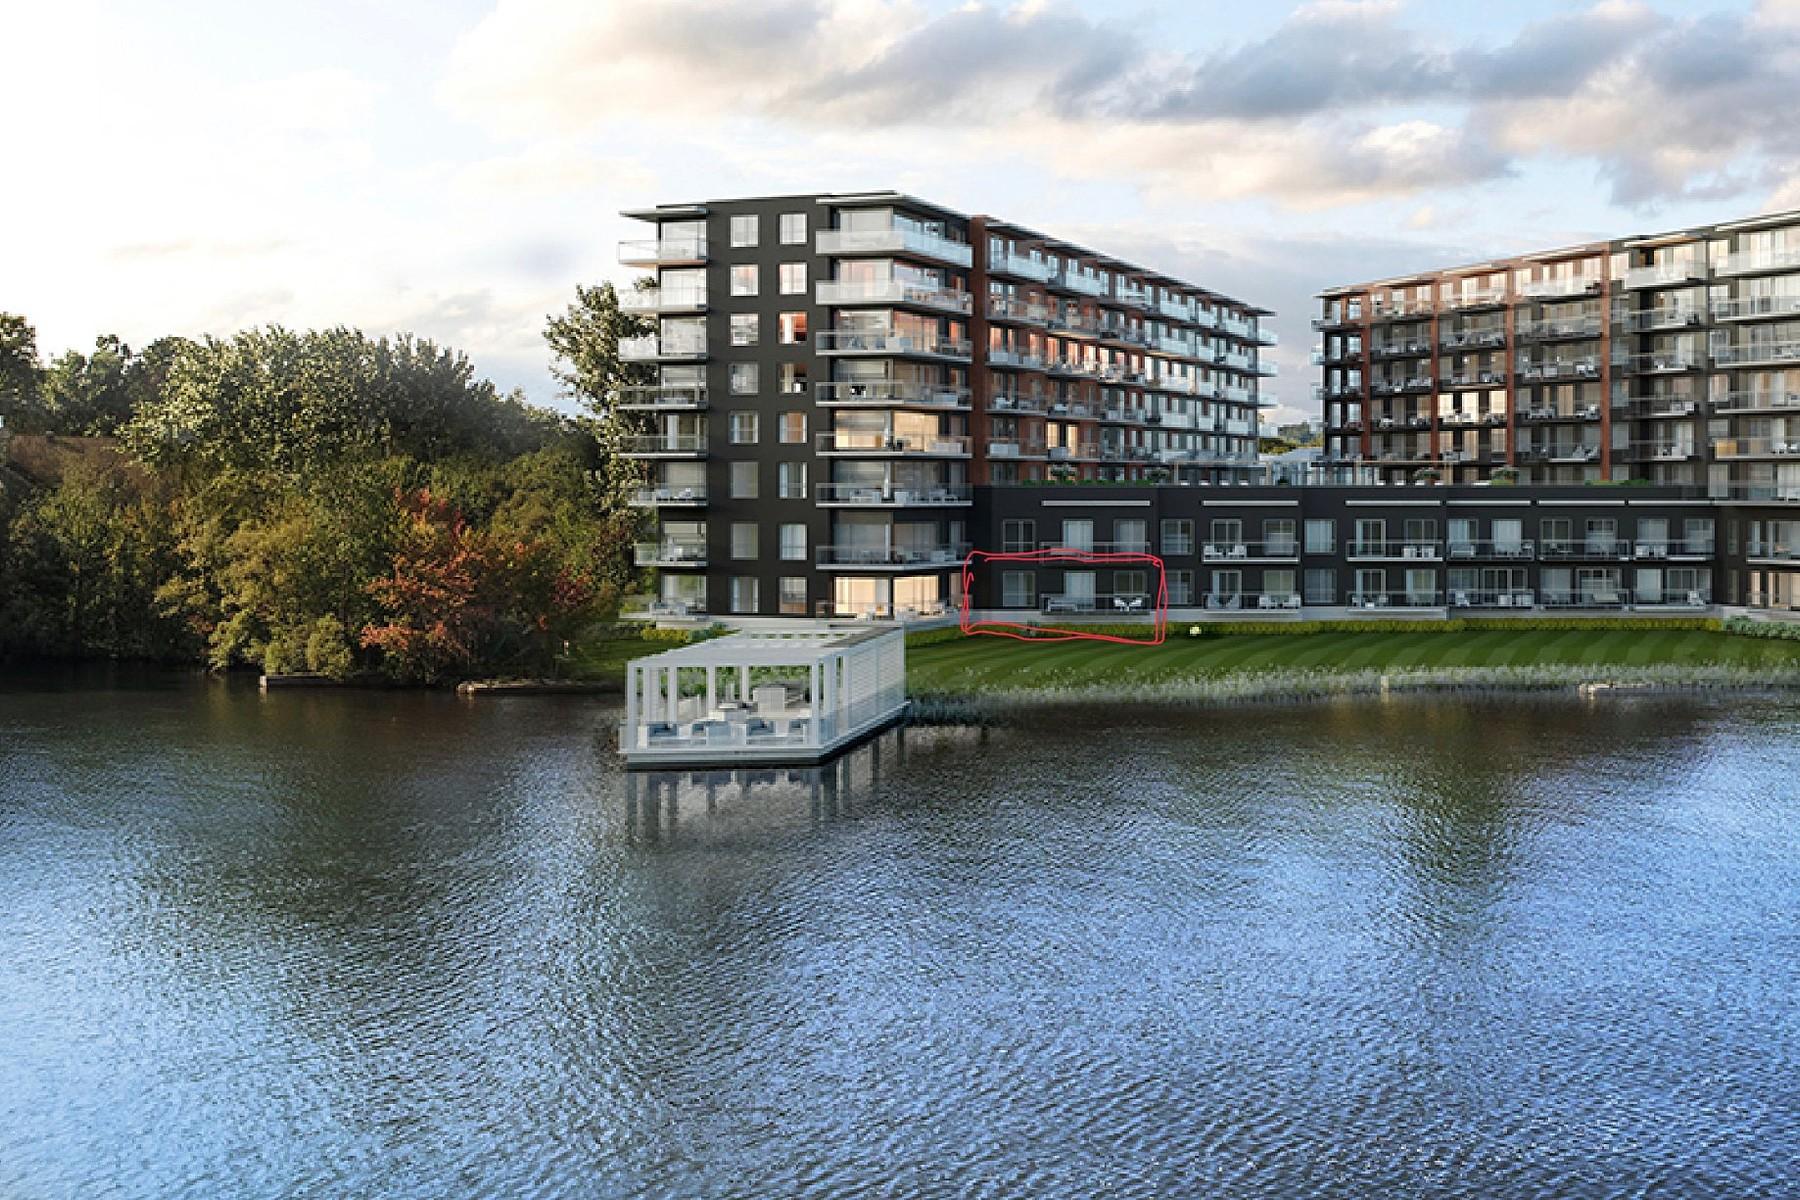 Condominiums for Sale at L'Île-Perrot, Montérégie 695 Boul. Perrot, Apt. 109 L'Ile-Perrot, Quebec J7V2J7 Canada